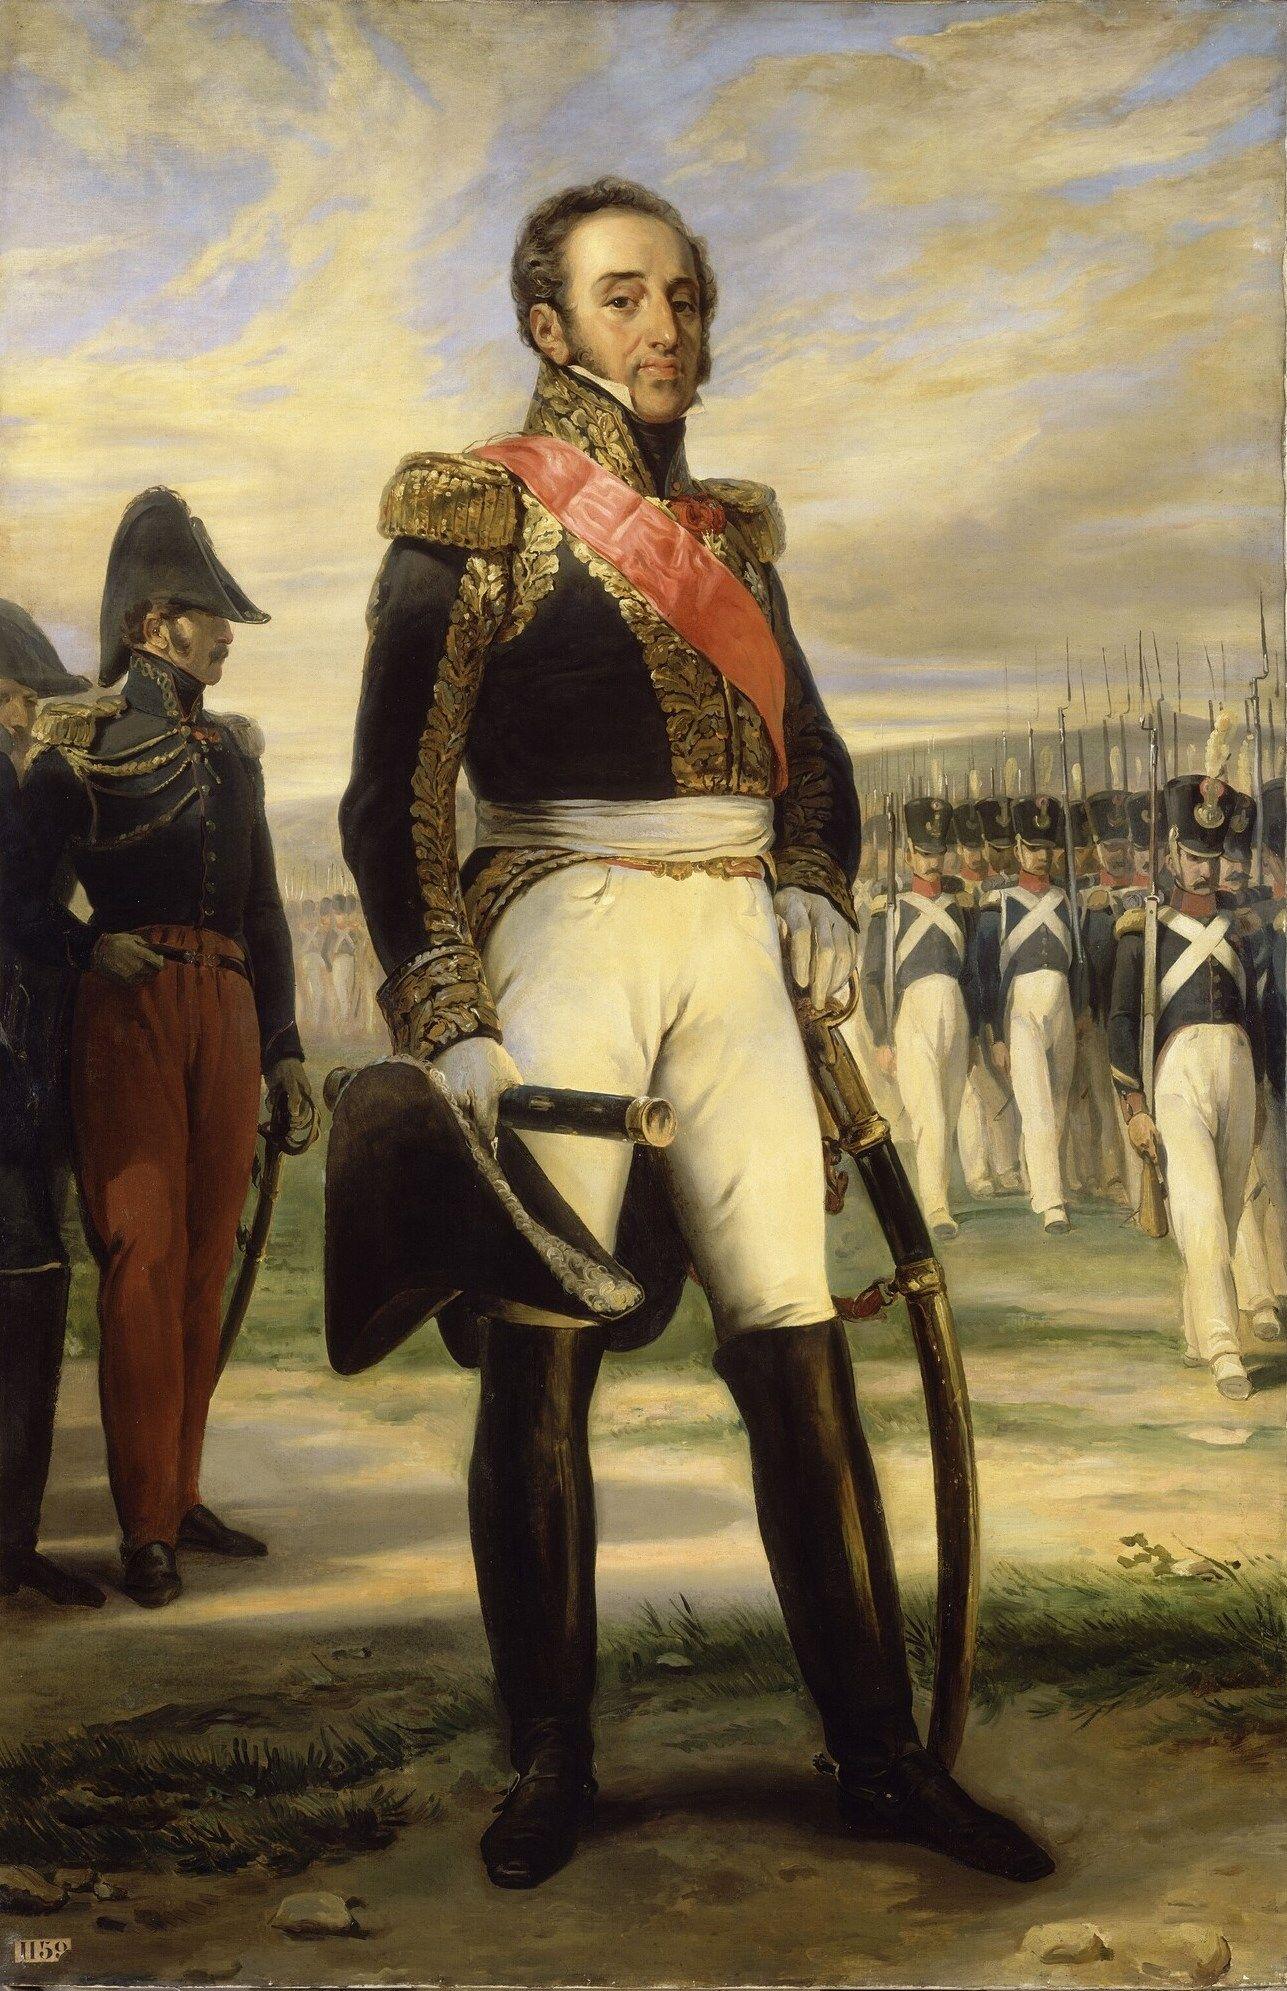 Le maréchal Louis-Gabriel Suchet, duc d'Albuféra, par Jean-Baptiste Paulin Guérin.